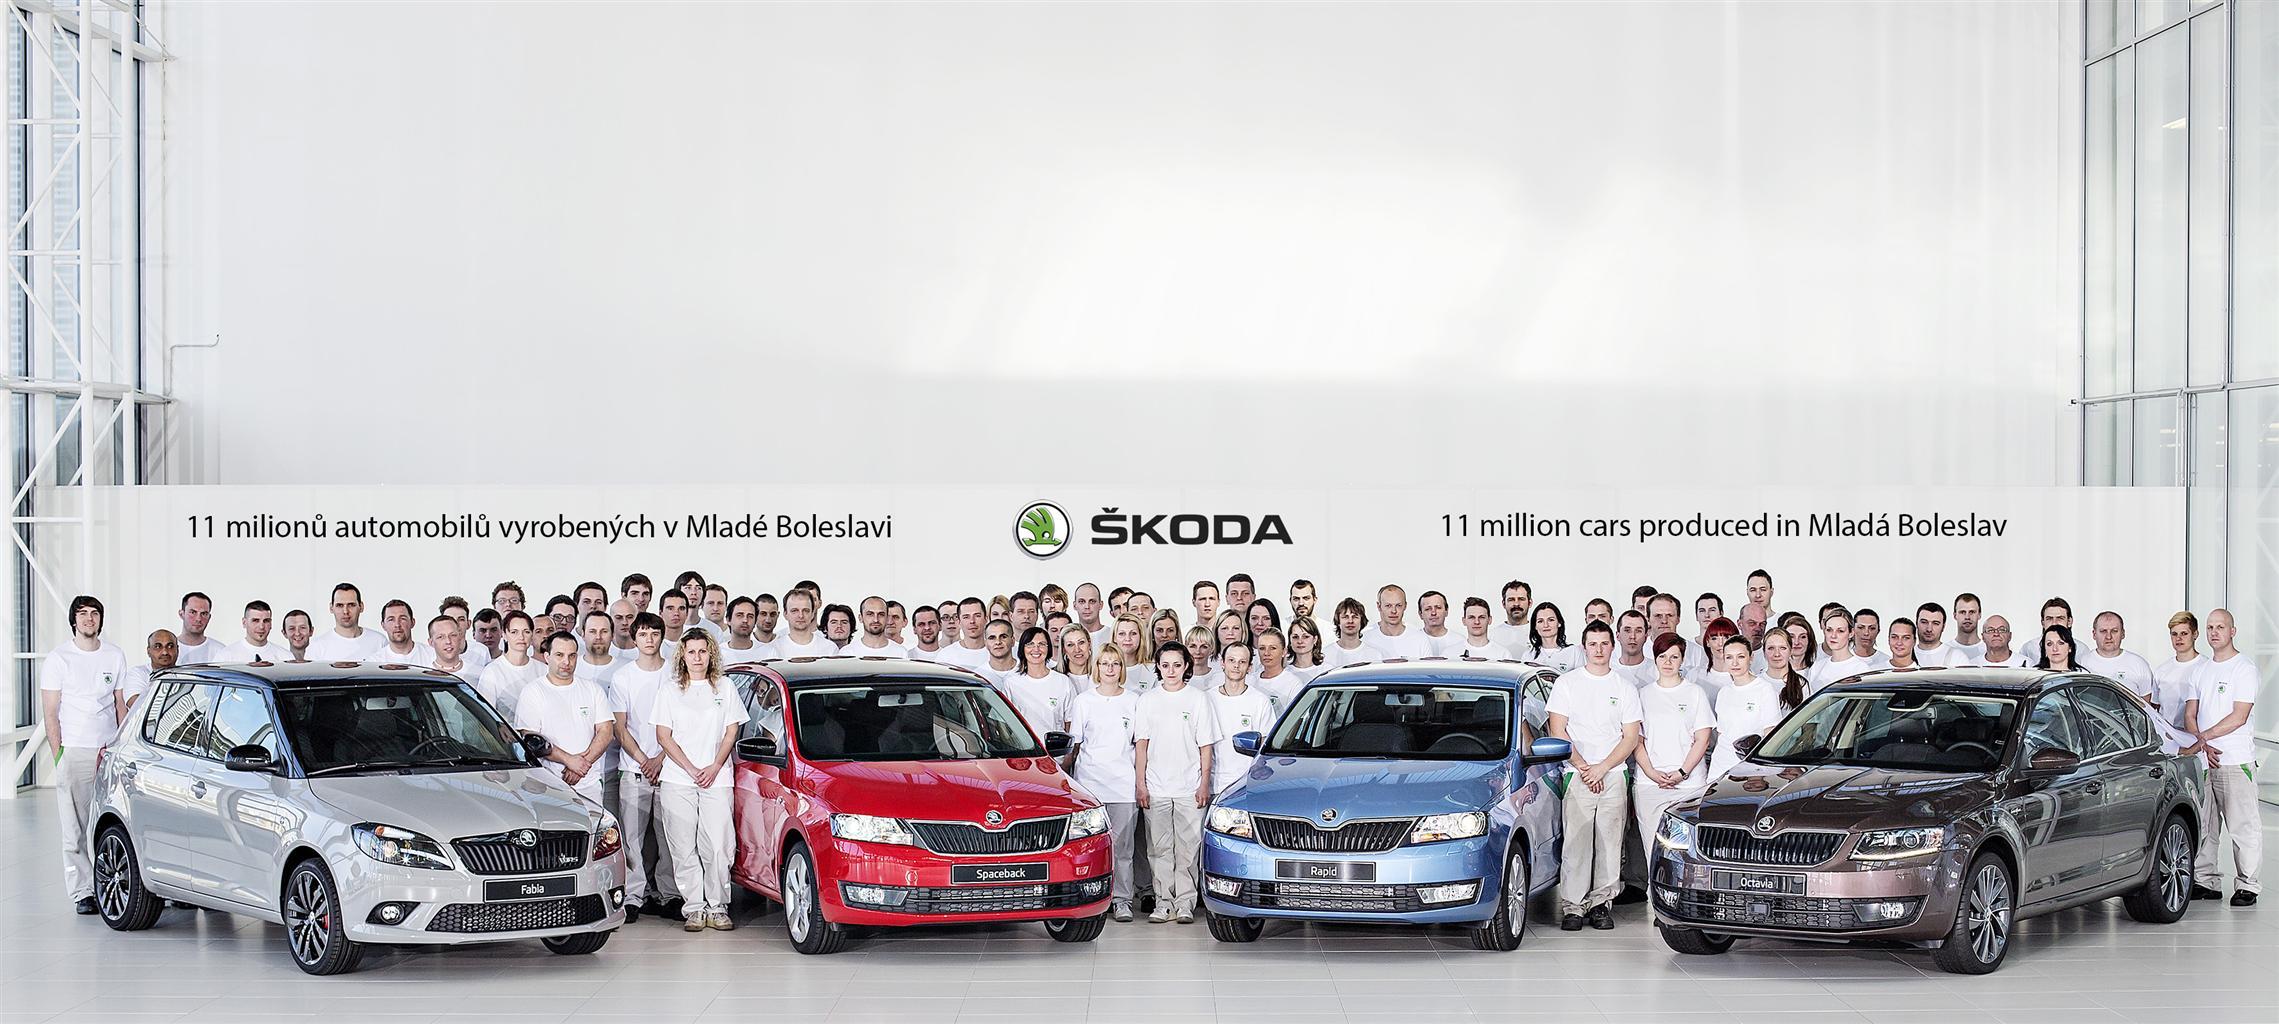 ŠKODA Service Care: un'attenzione in più per la propria auto